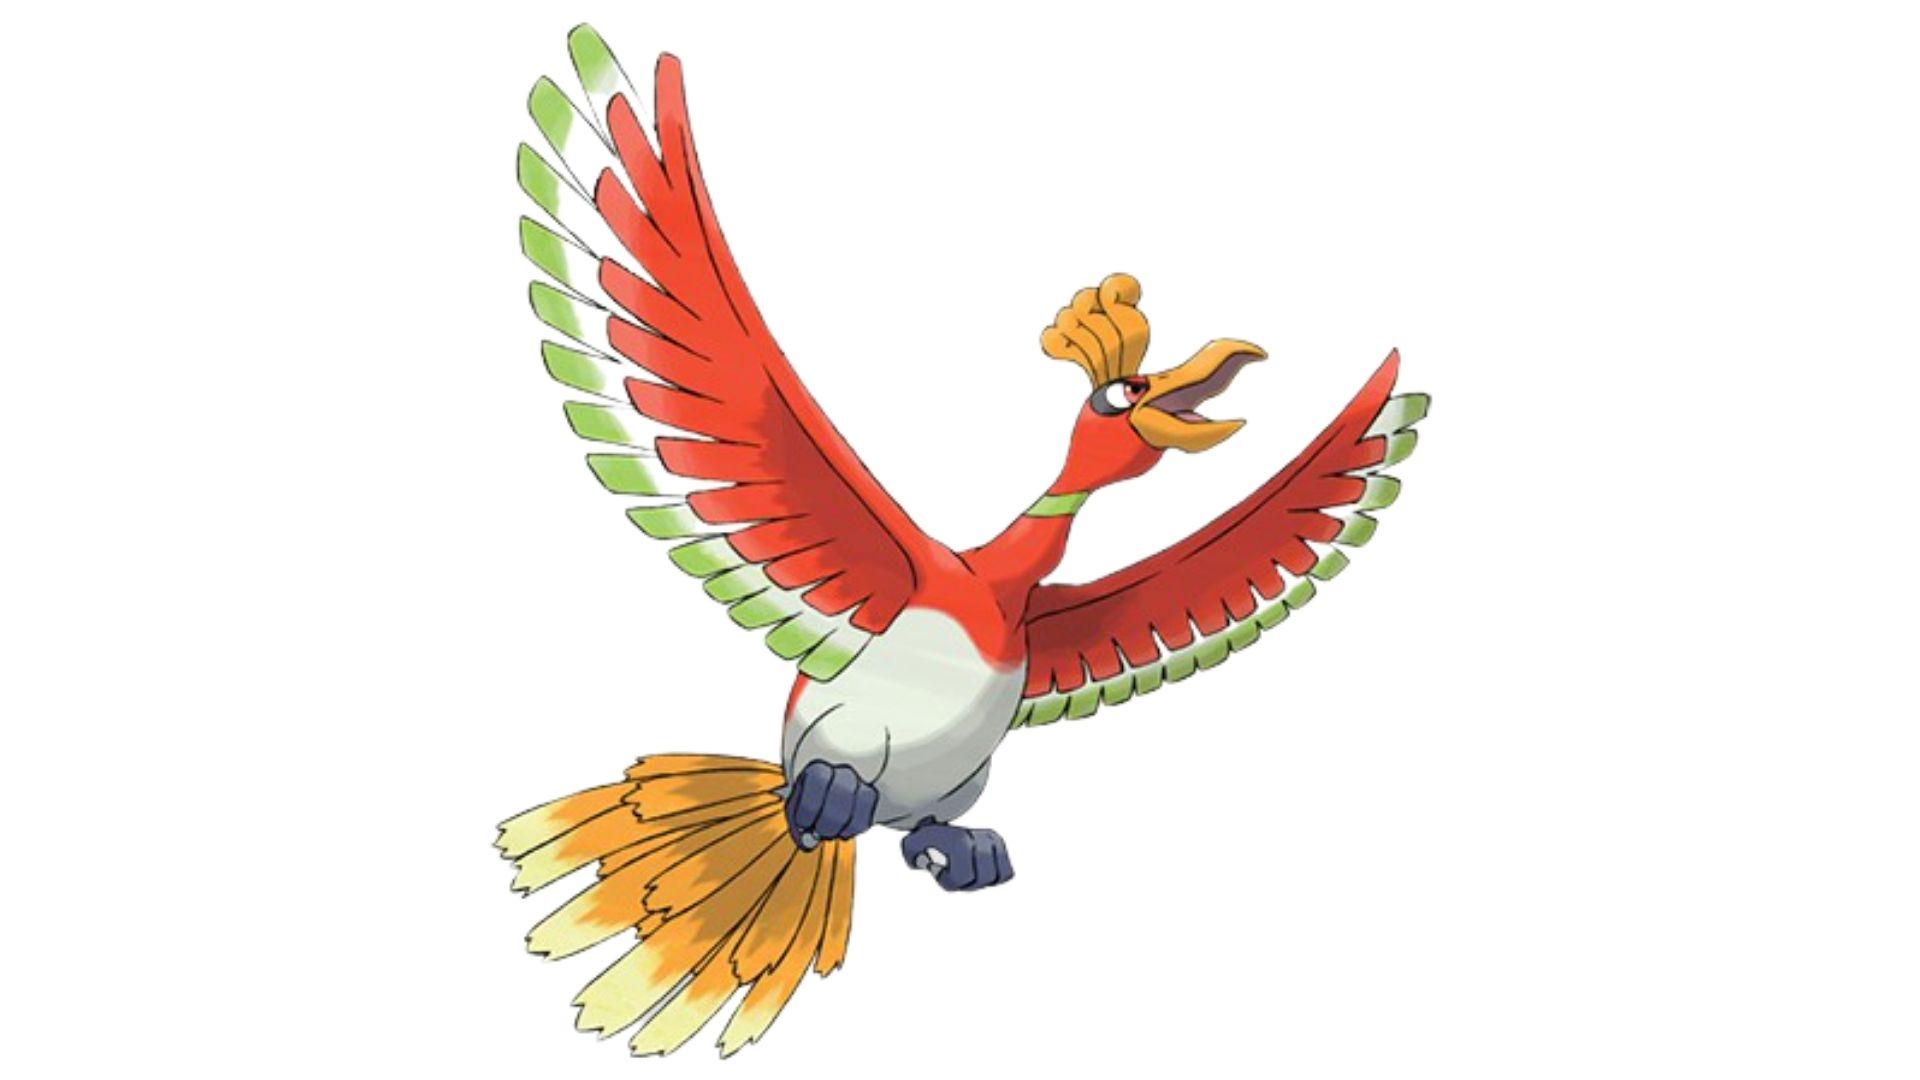 Ho-oh é considerado um pokémon mais forte e guardião dos céus (Foto: Divulgação/Pokémon)